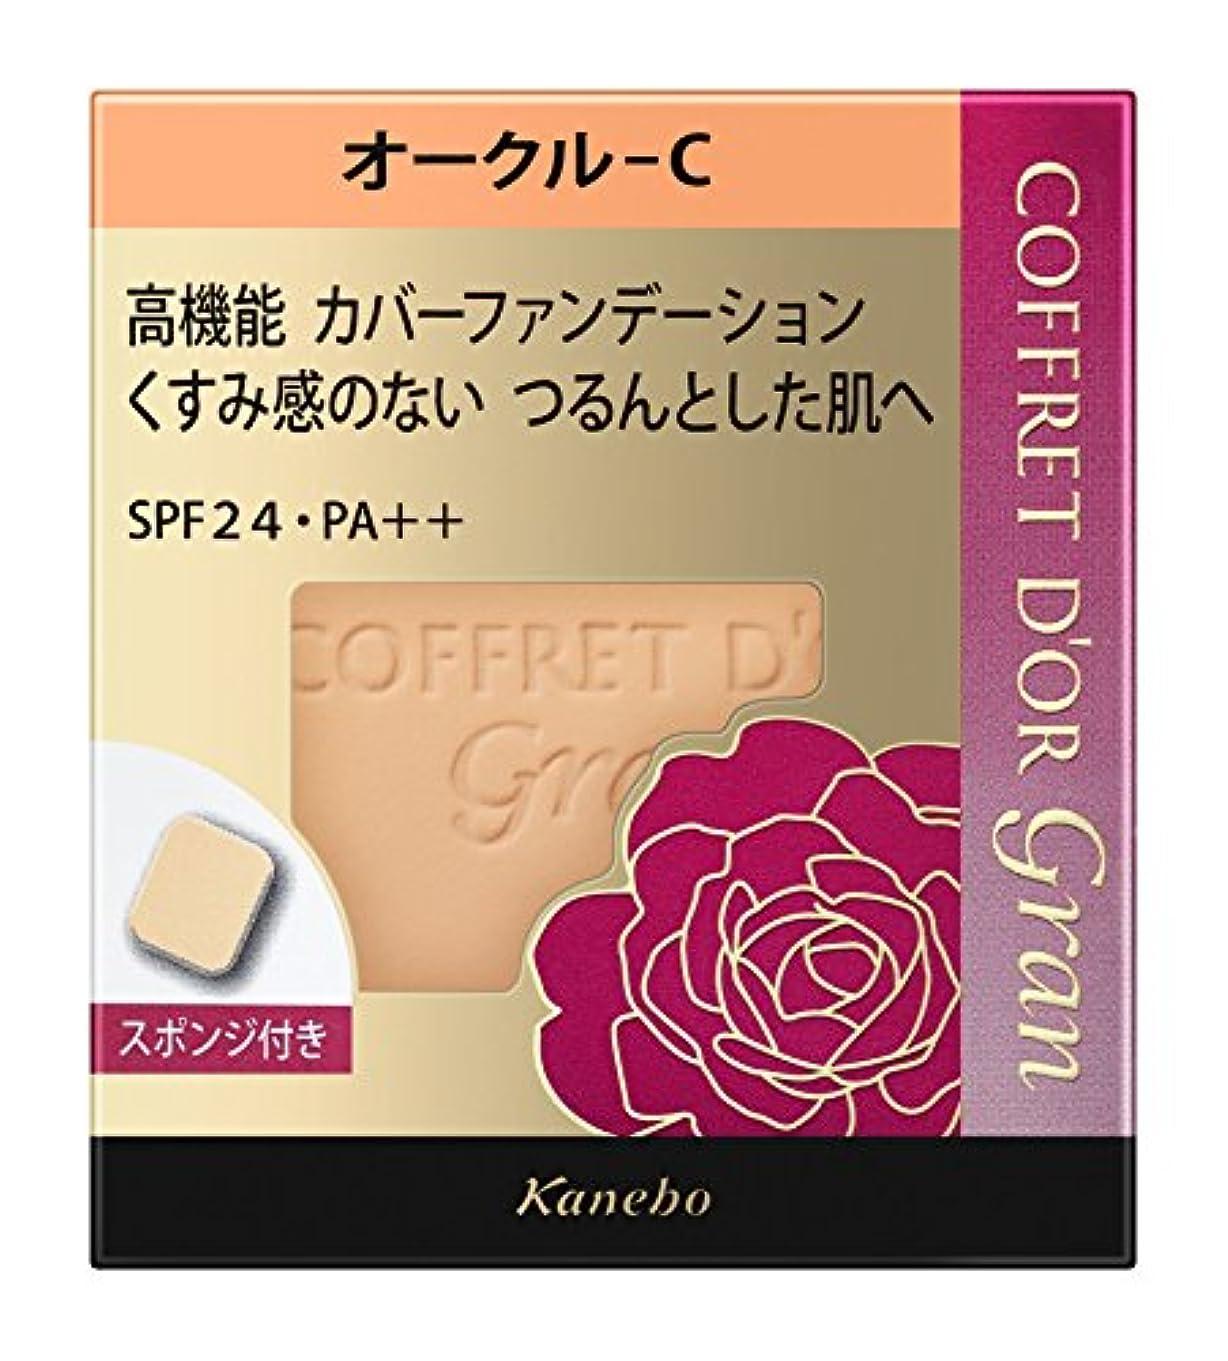 お金ゴム配列アイスクリームコフレドール グラン ファンデーション カバーフィットパクトUV2 オークルC SPF24/PA++ 10.5g